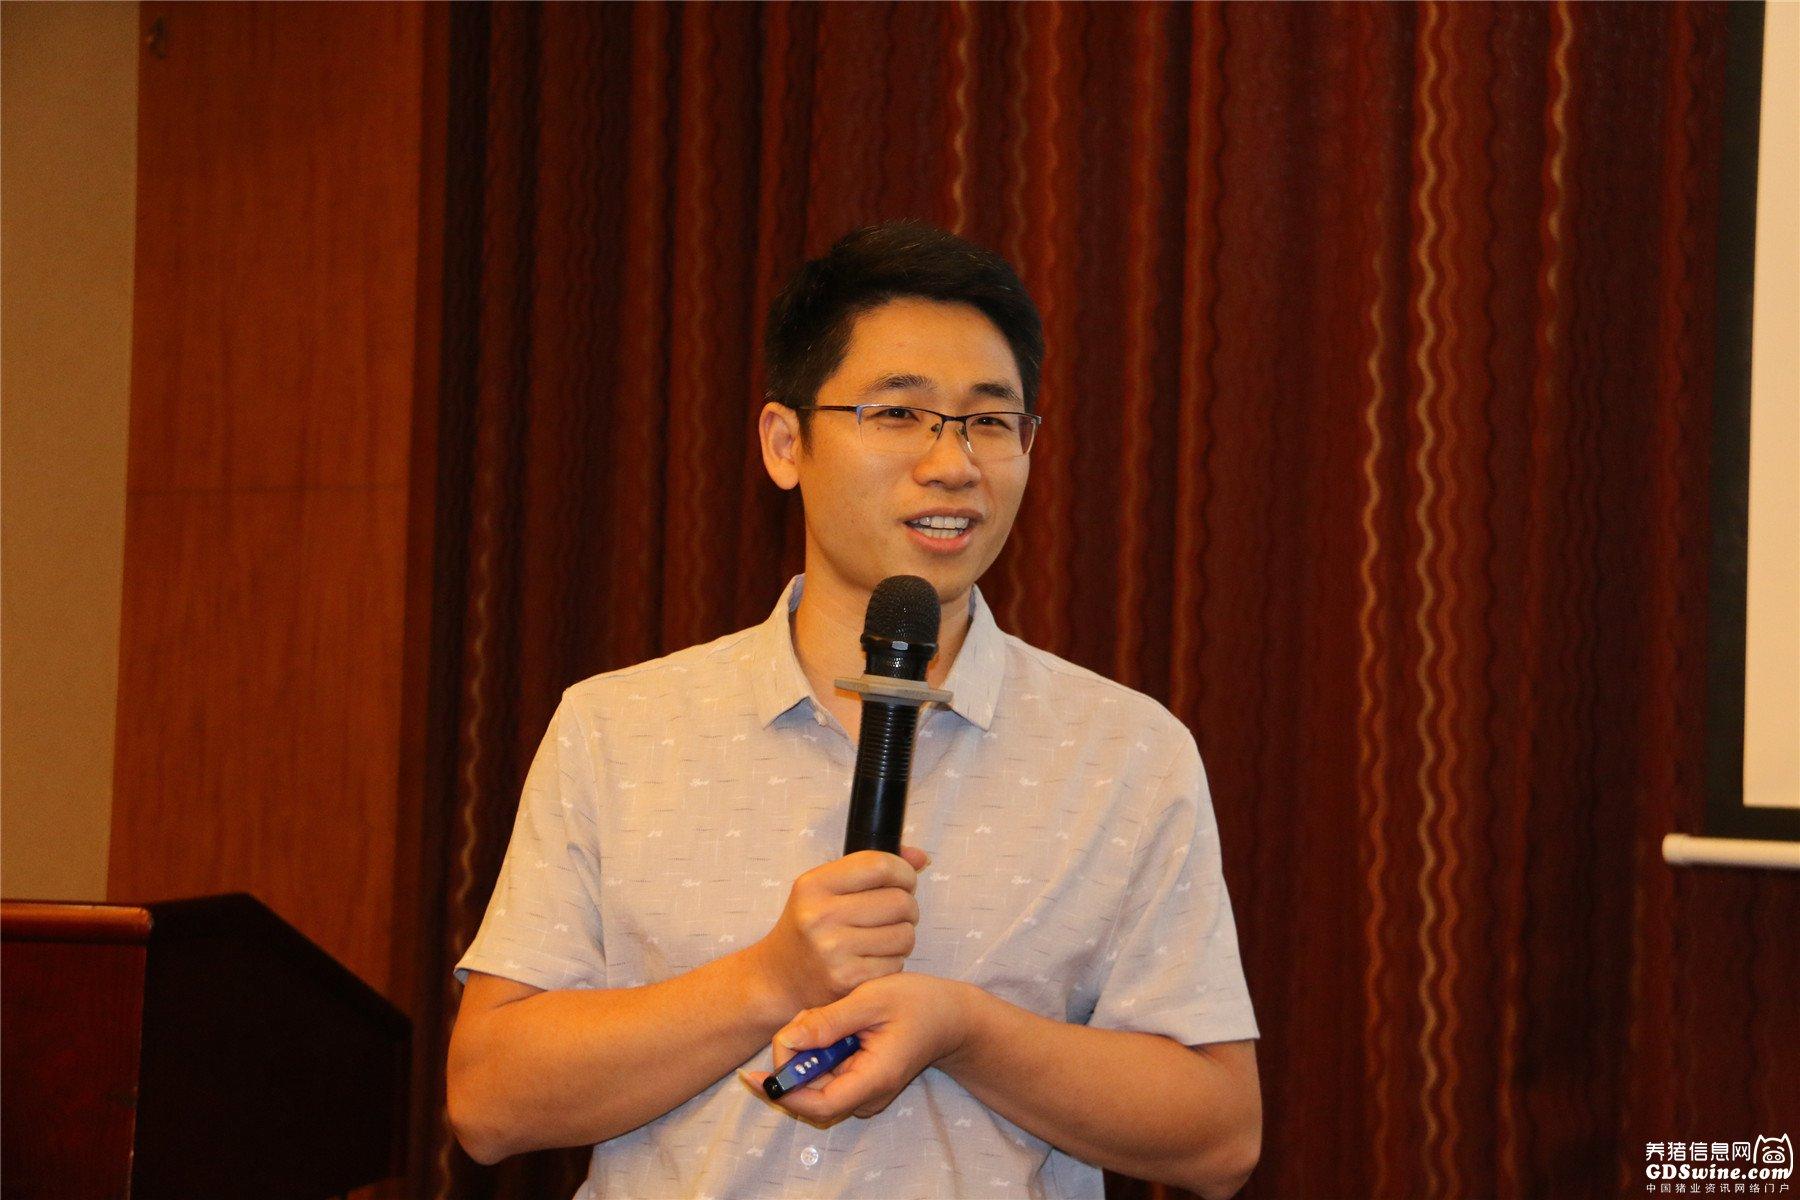 上海海利生物技术股份有限公司黄军经理主讲《目前重点关注问题》